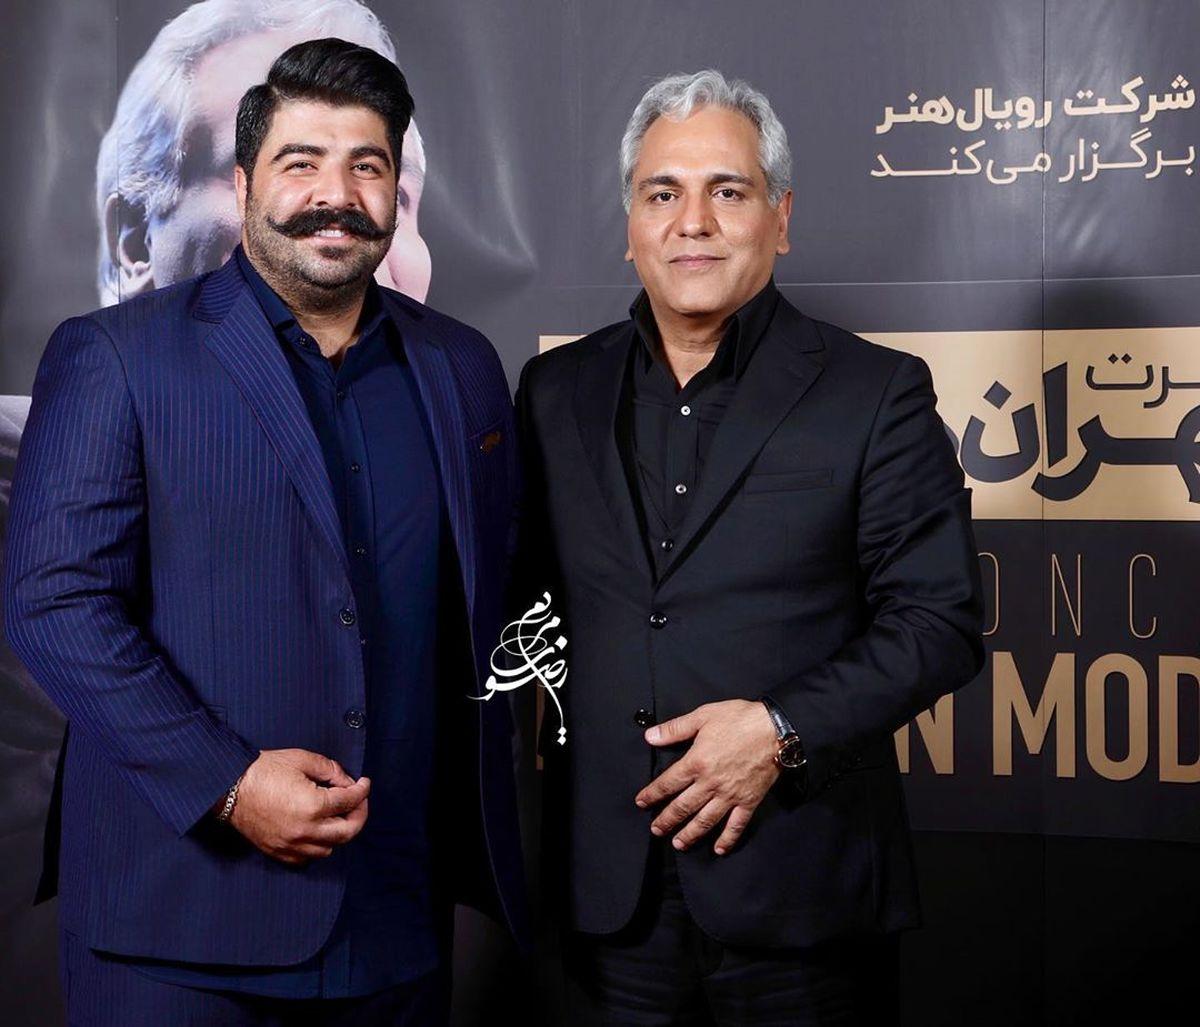 مهران مدیری بهنام بانی را با خاک یکسان کرد! +فیلم طنز